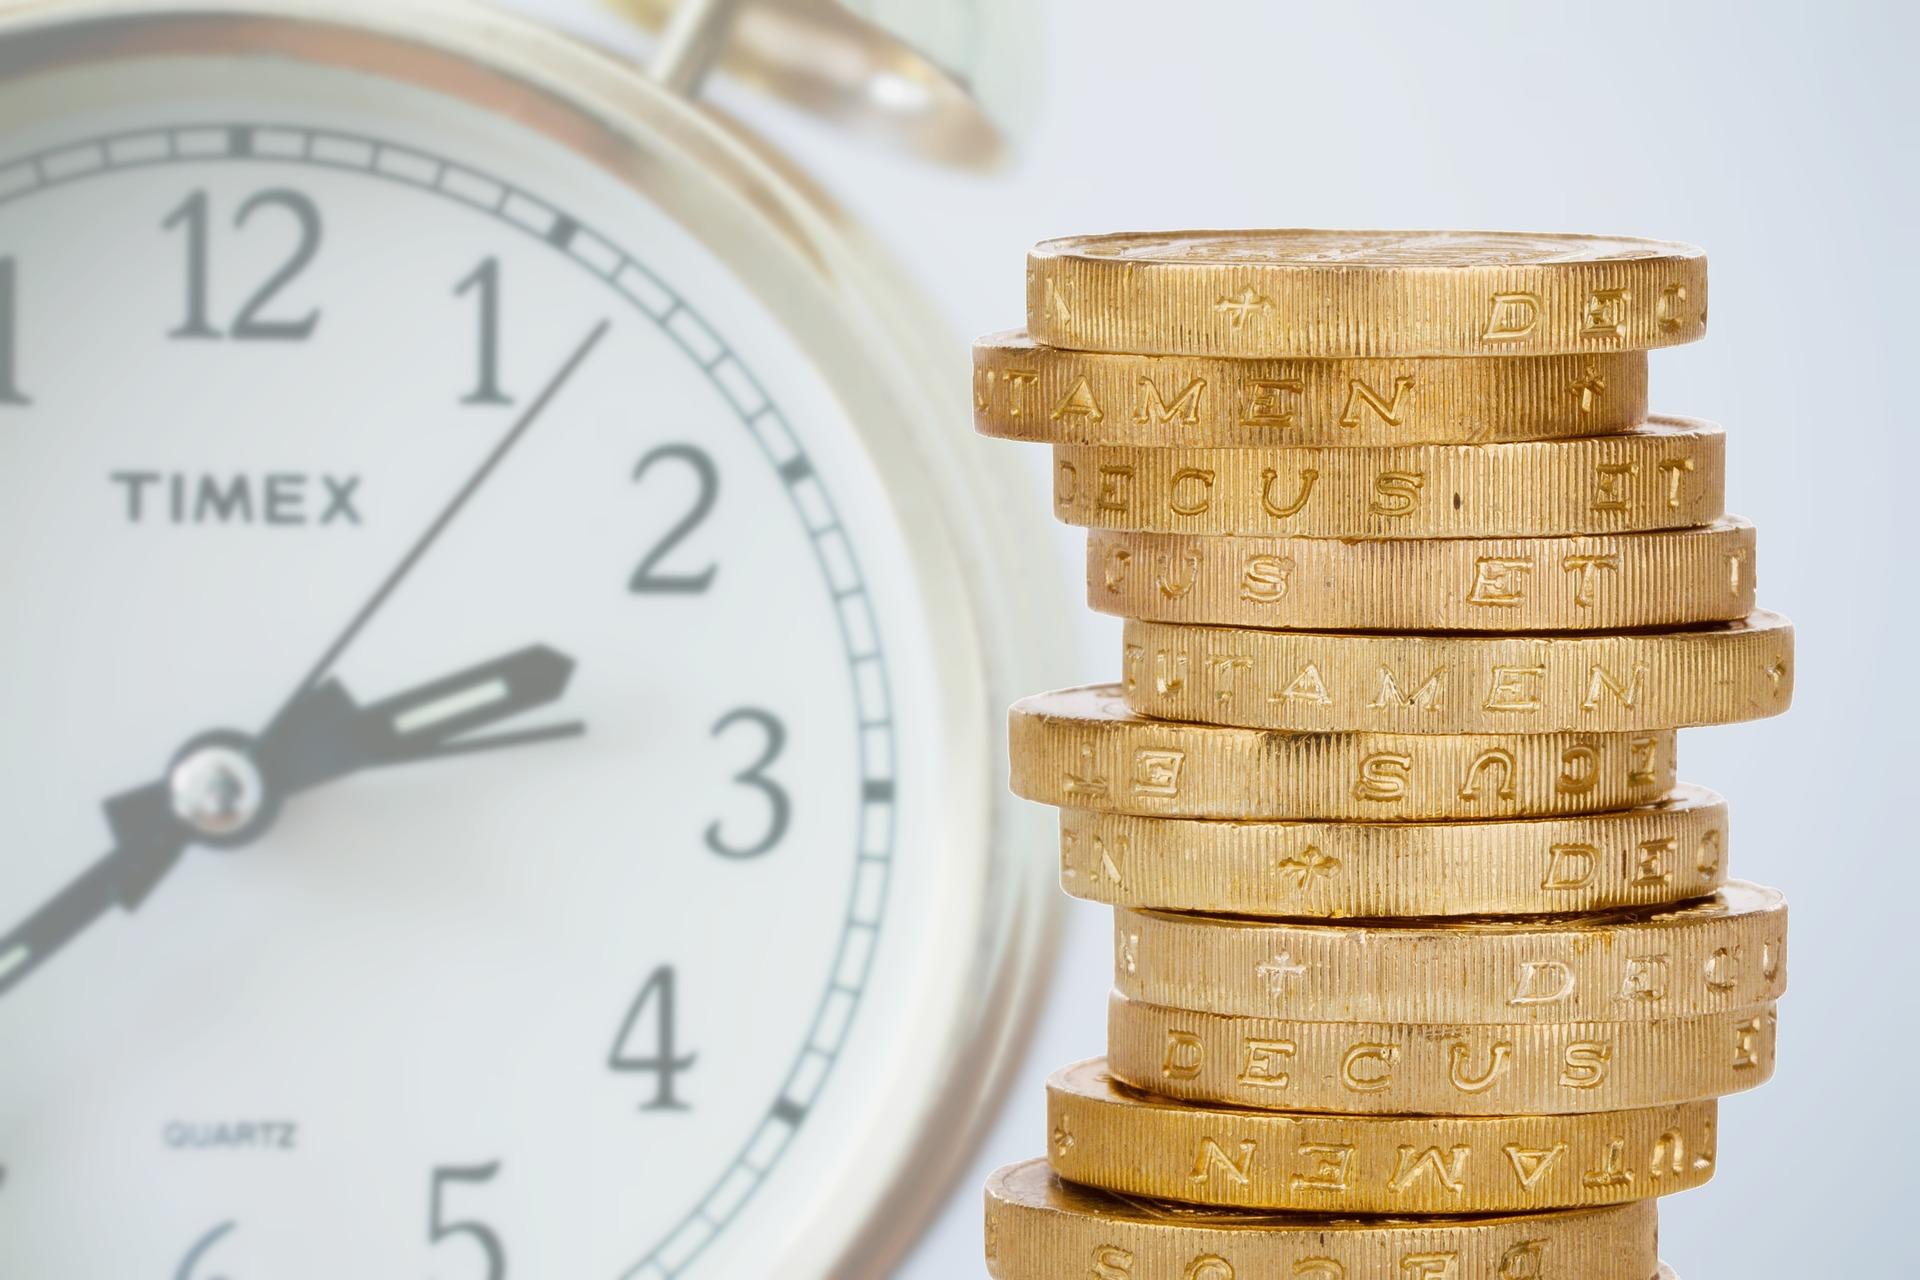 5 sub-25 million market cap coins that have promise